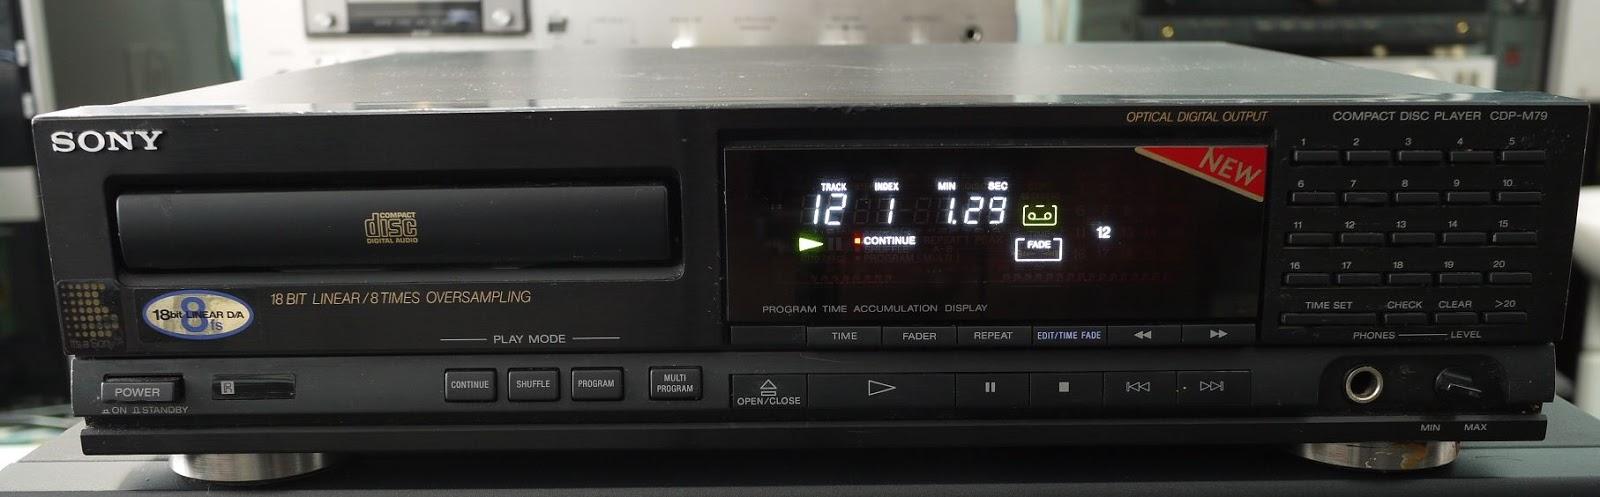 Leitor de CD. Problemas na leitura dos CD's Sony%2BCDP-M79%2B2